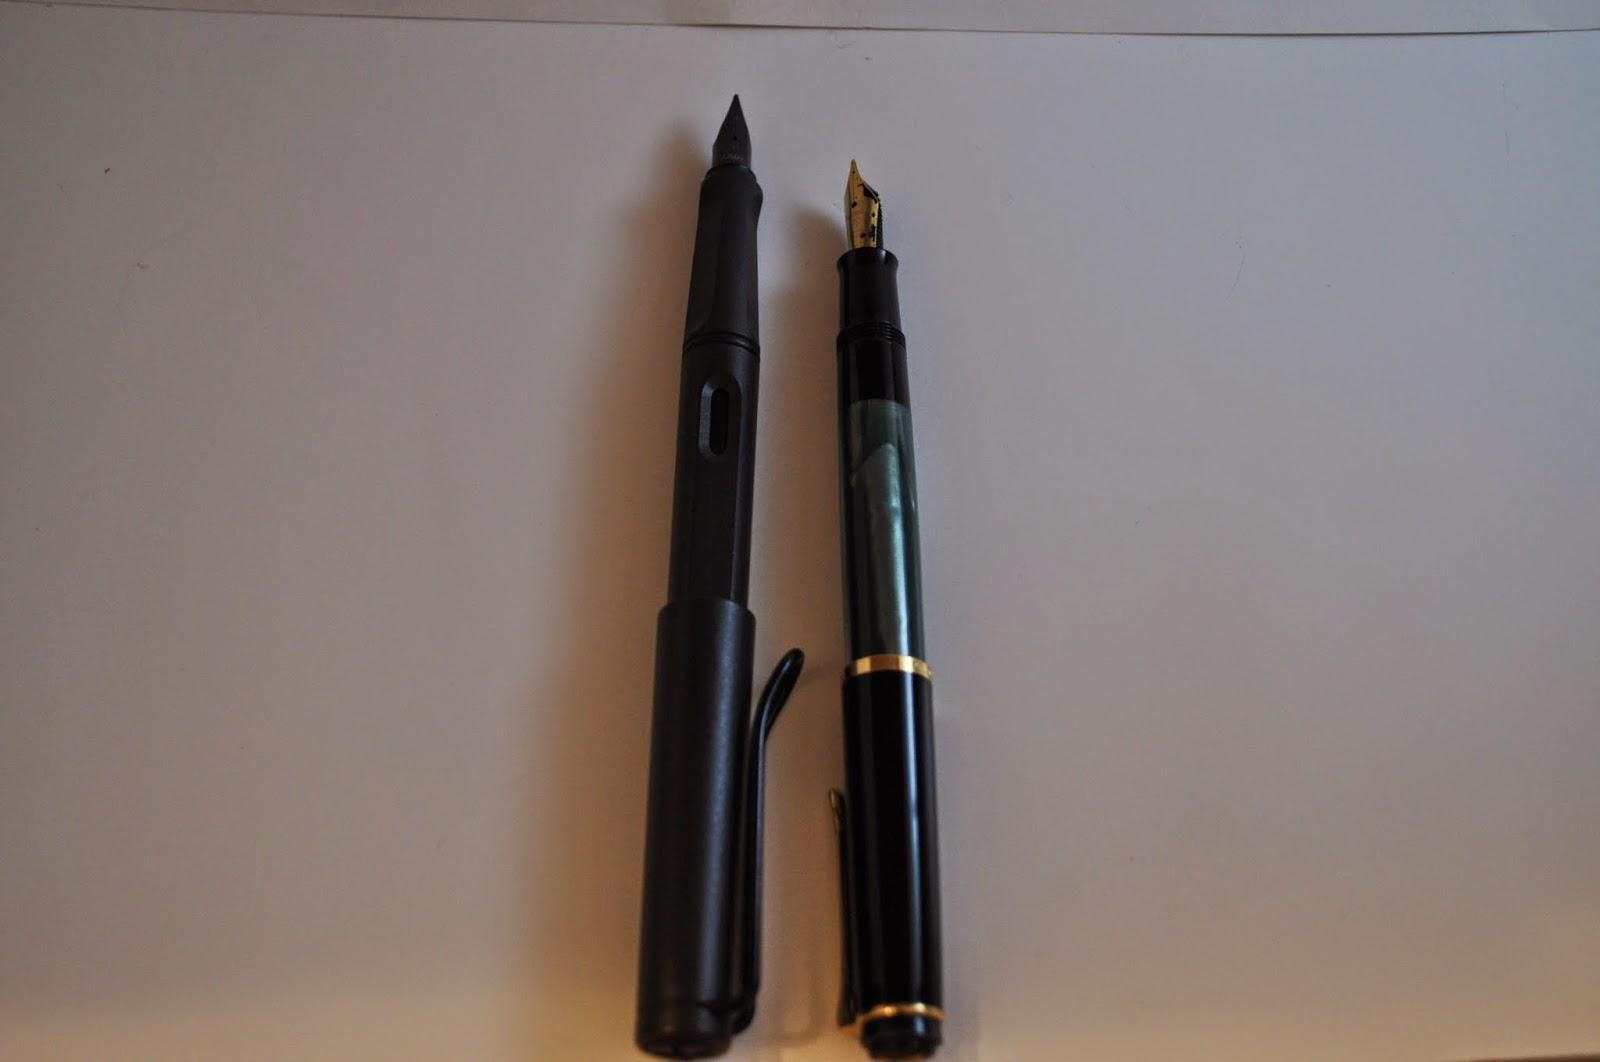 Pelikan M200 vs Lamy Safari